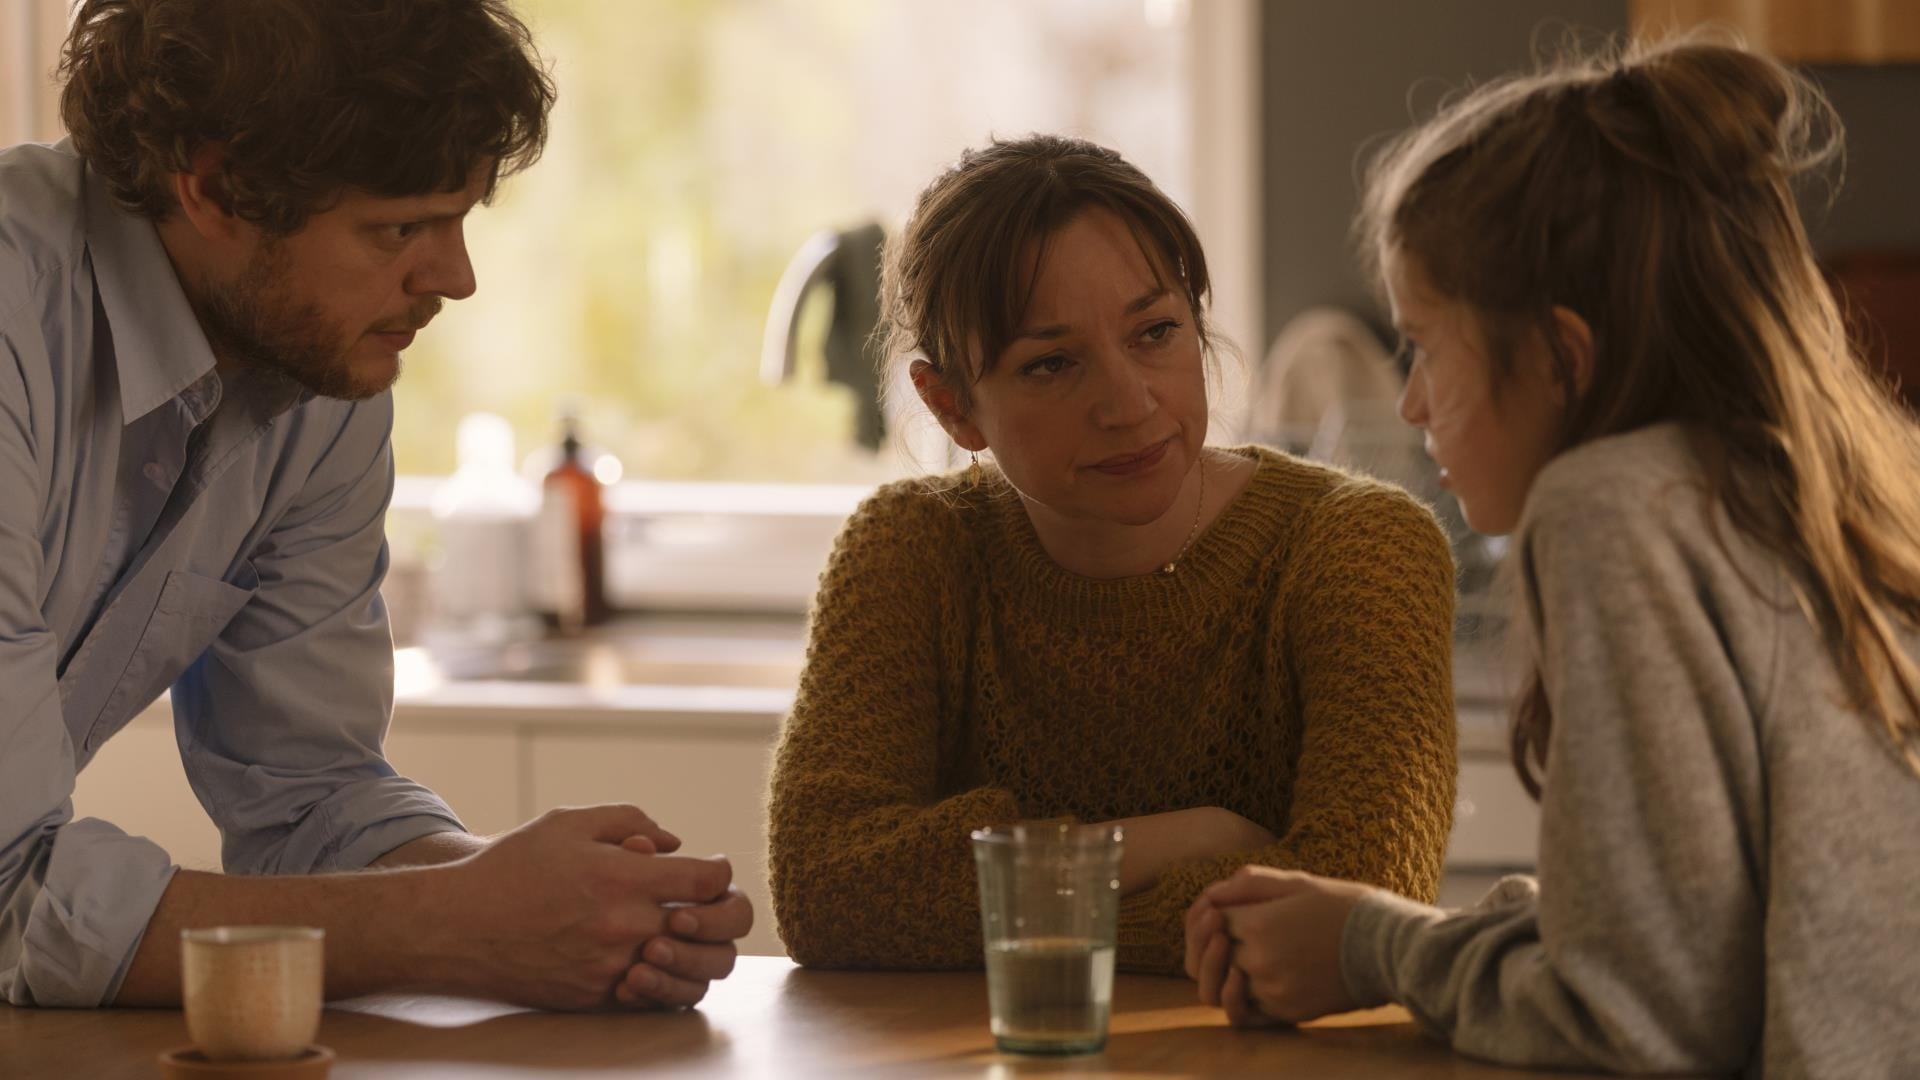 Beware of Children [Barn] —Scandinavian Film Festival 2021